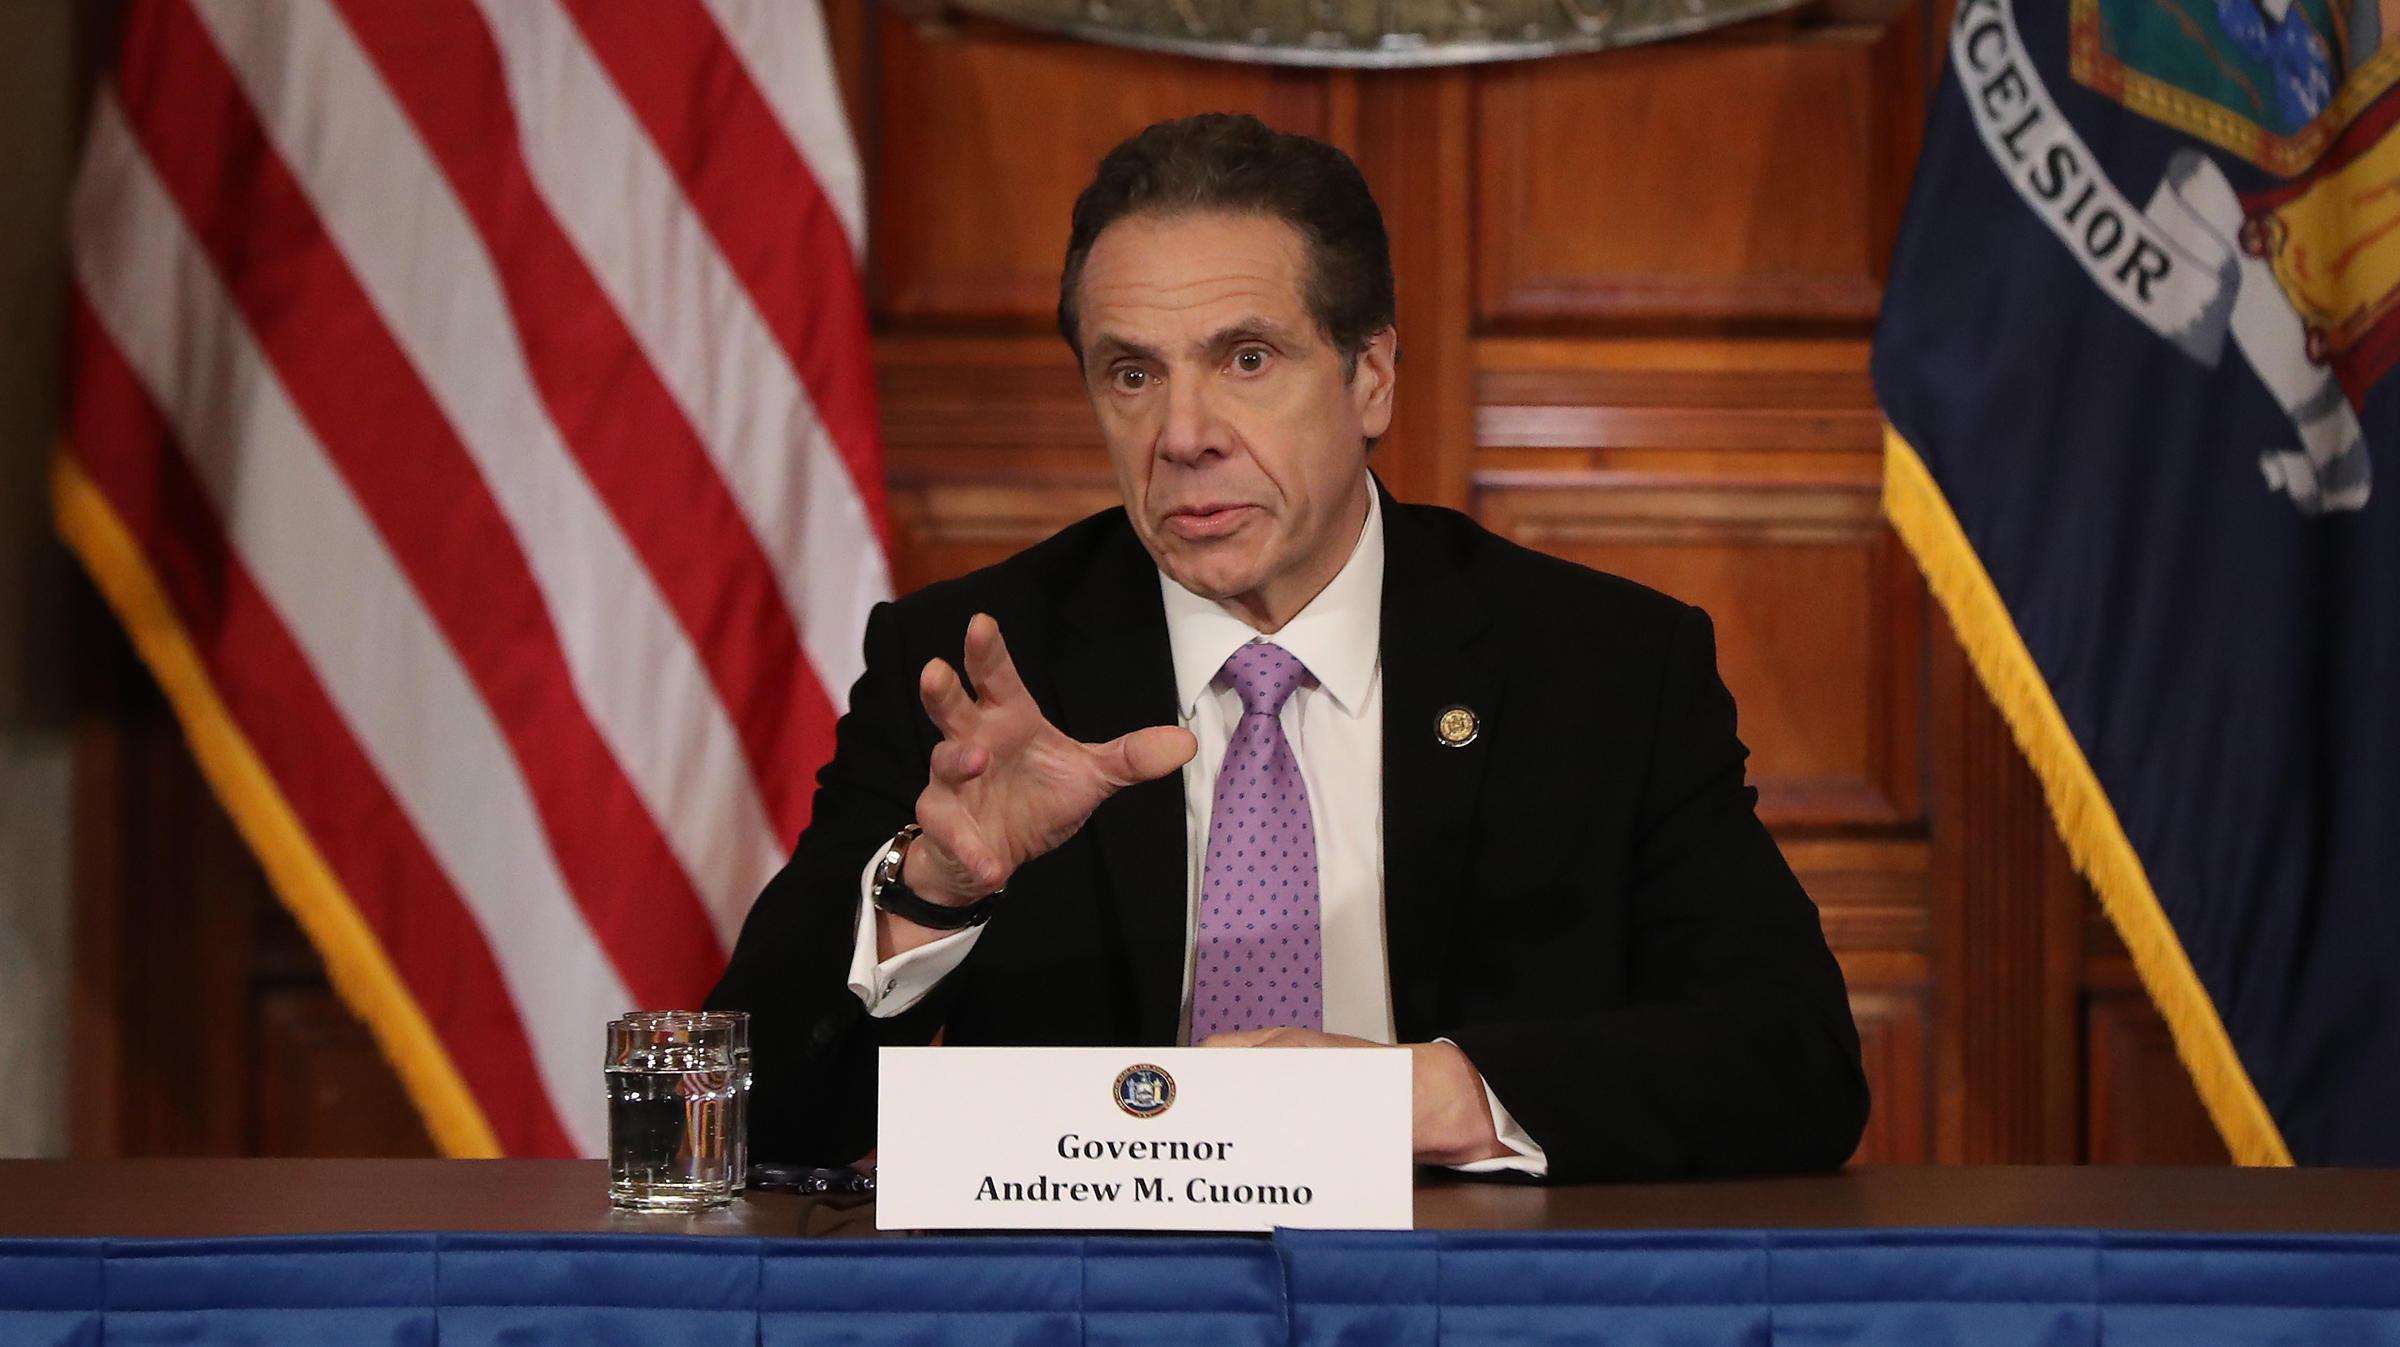 New York Gov Andrew Cuomo Takes The Spotlight In Coronavirus Response Wfae